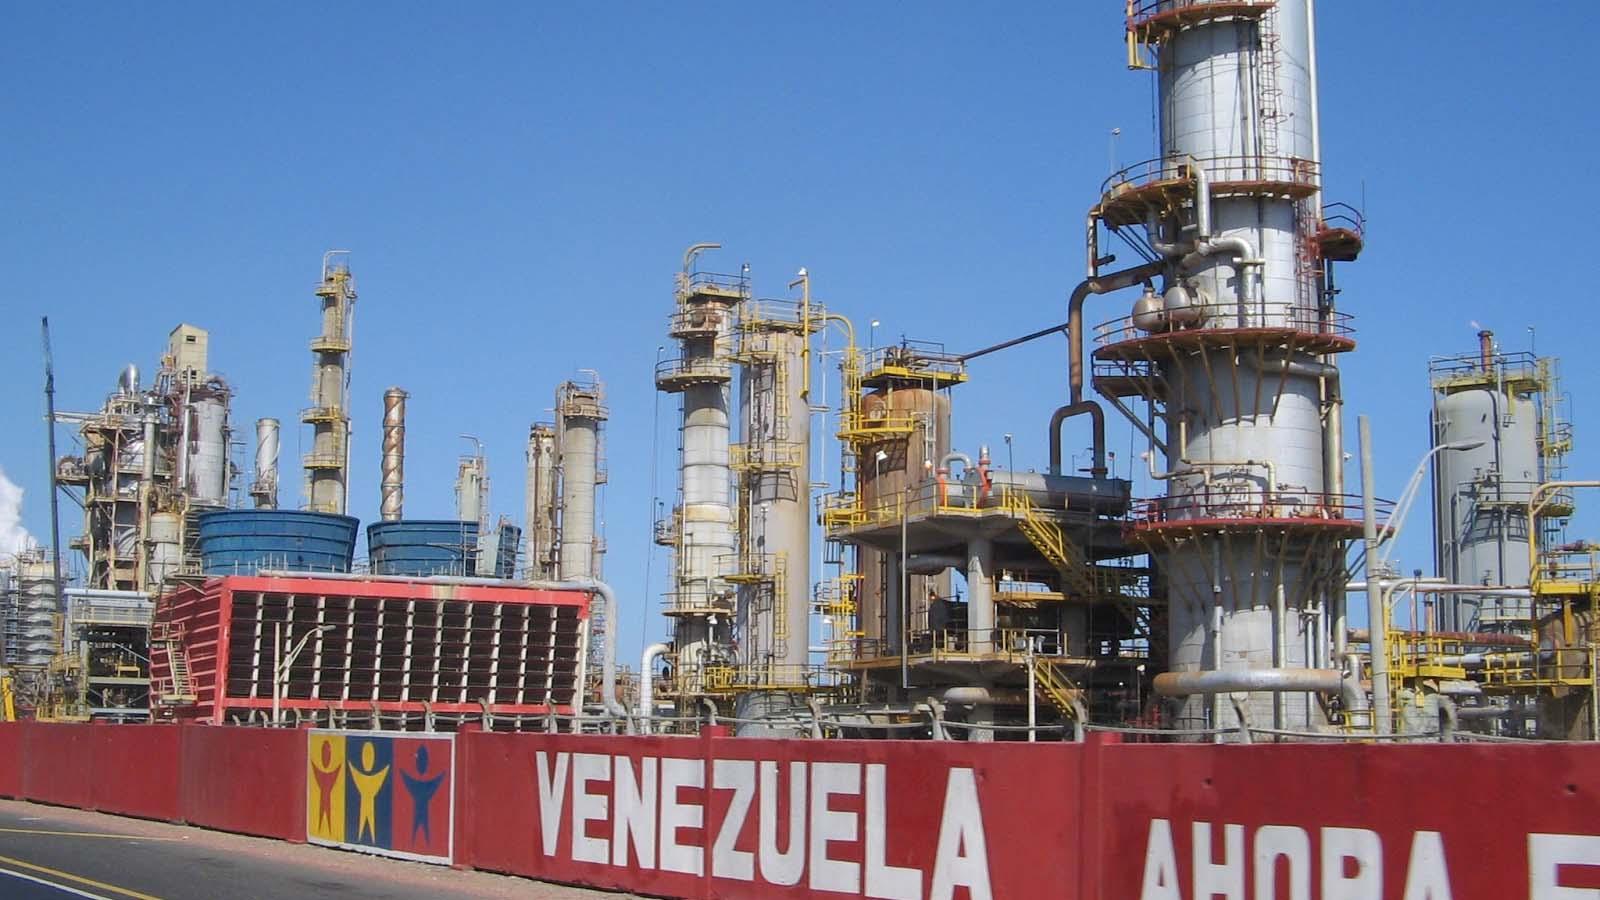 El fiscal general designado, Tareck William Saab, aseguró que los delitos son daños a la industria petrolera y financiamiento al terrorismo, entre otros